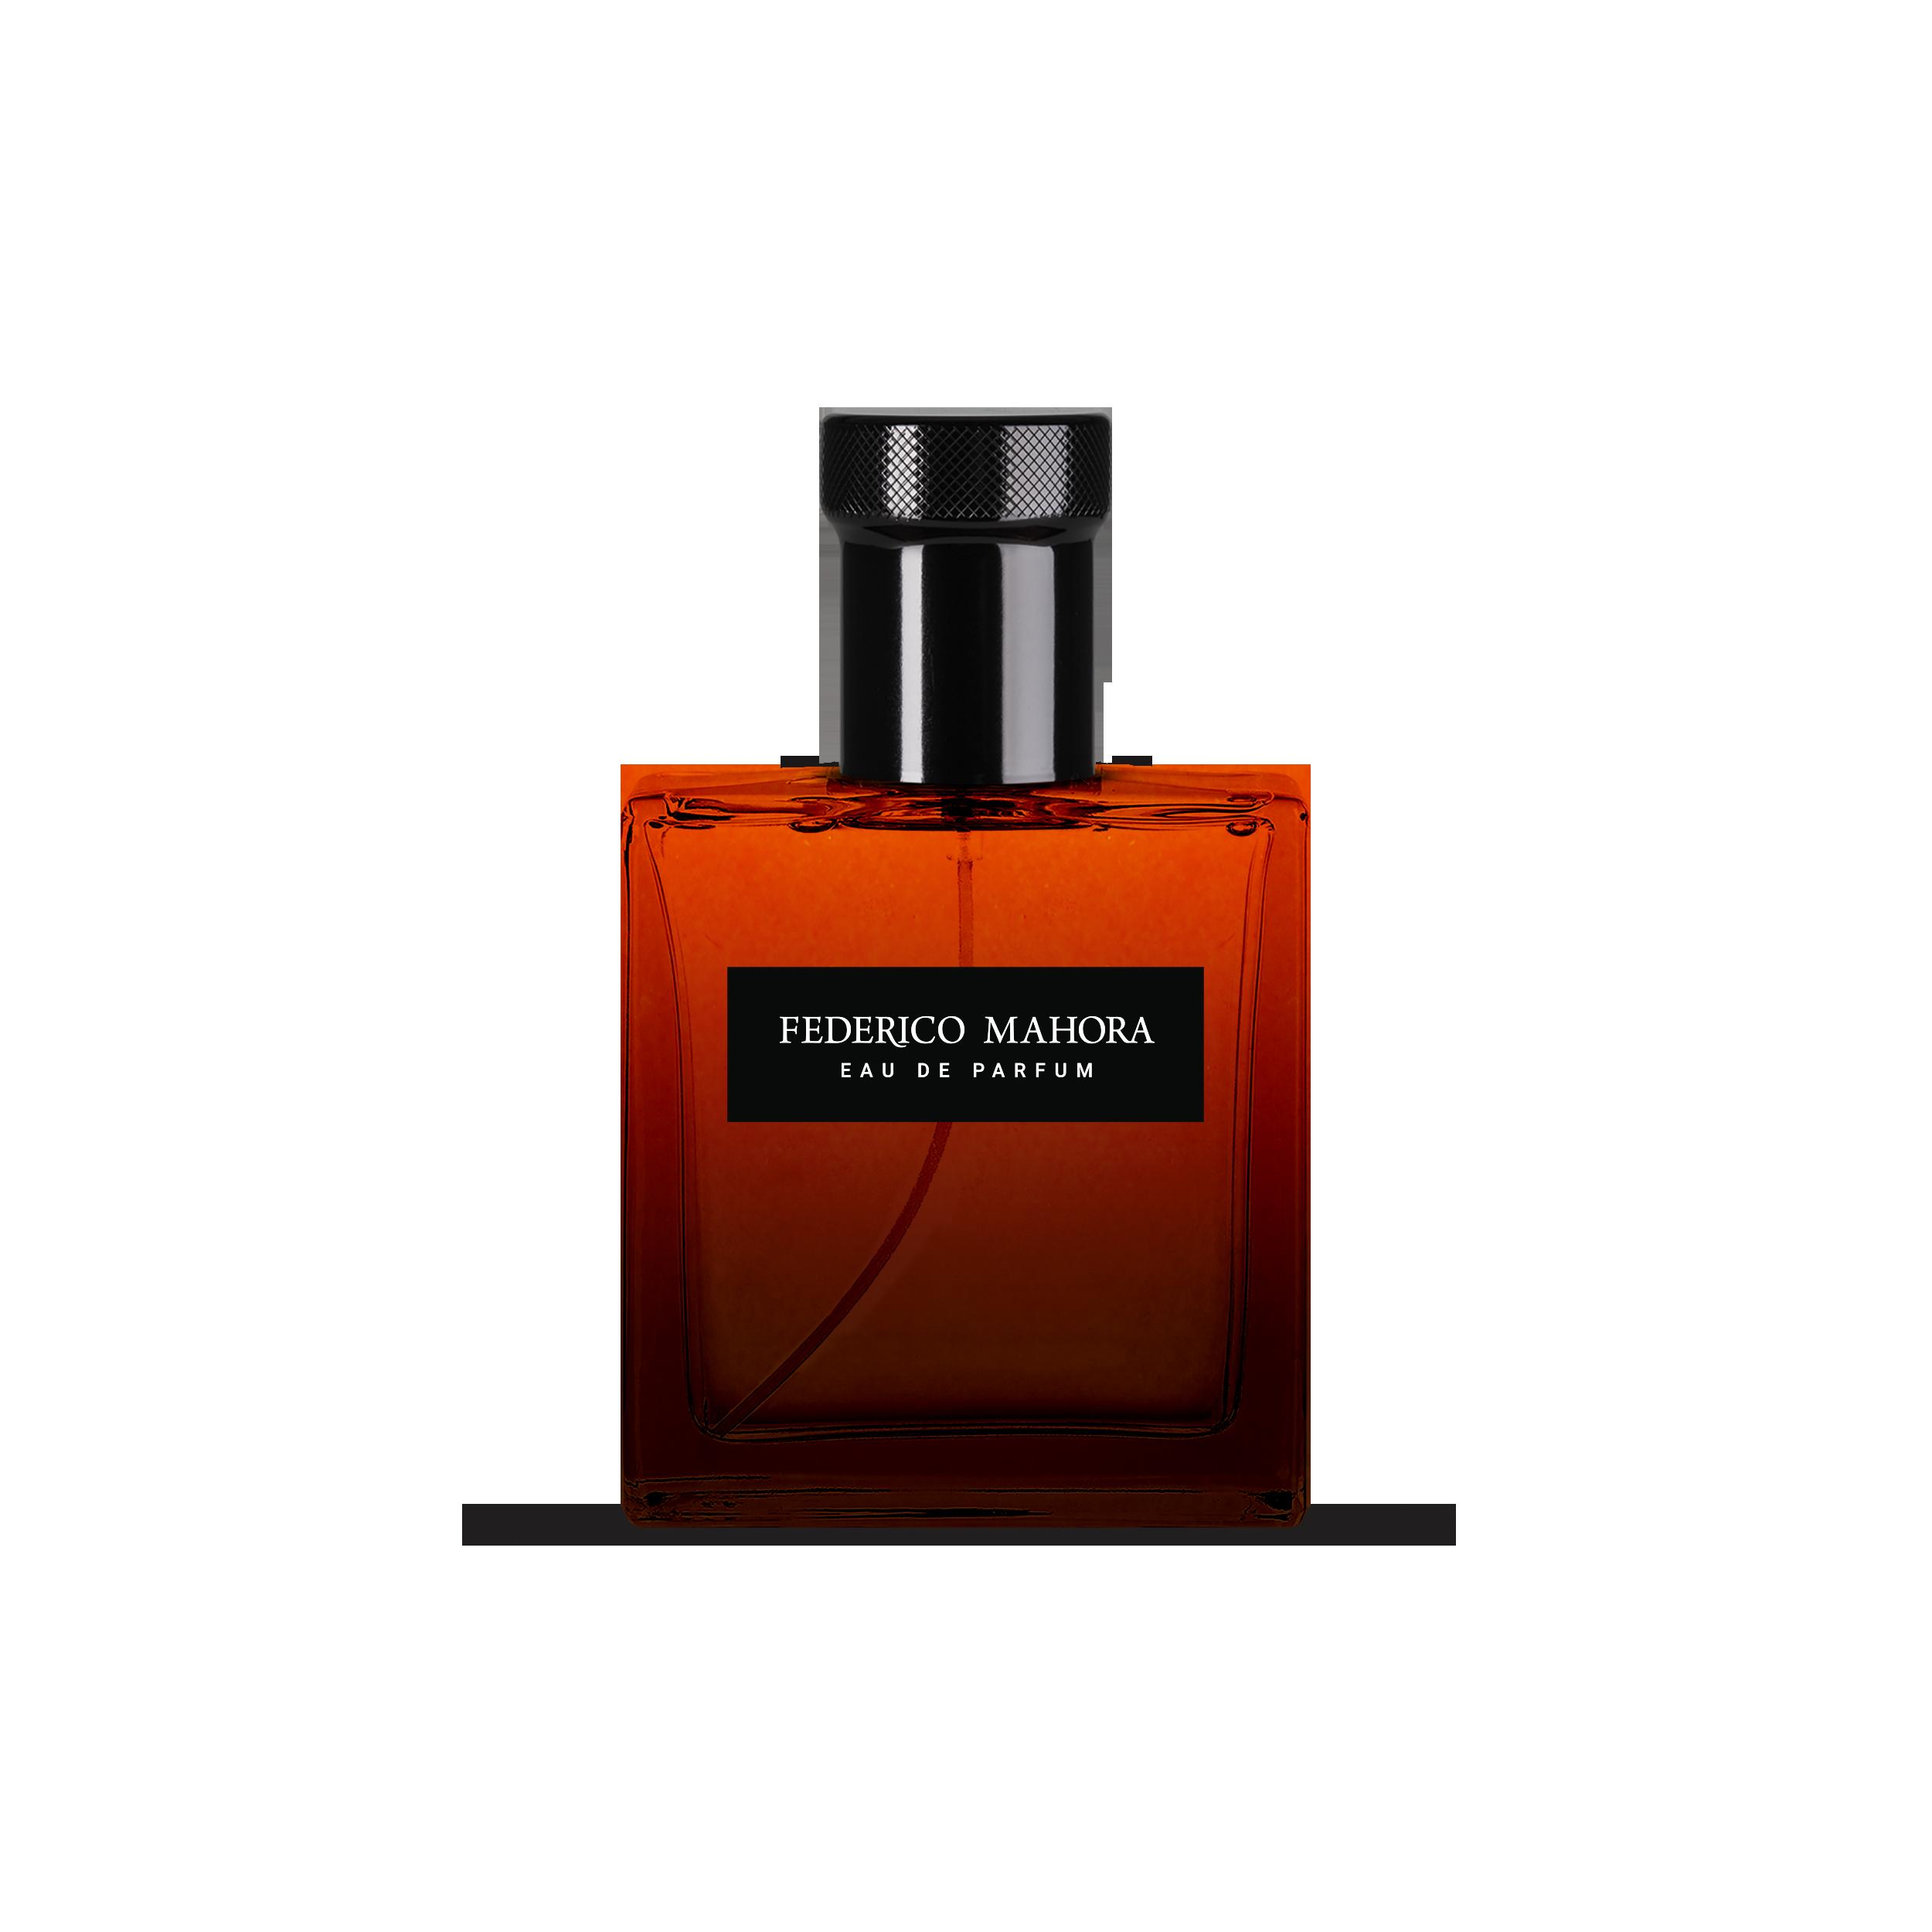 FM Eau de parfum 301